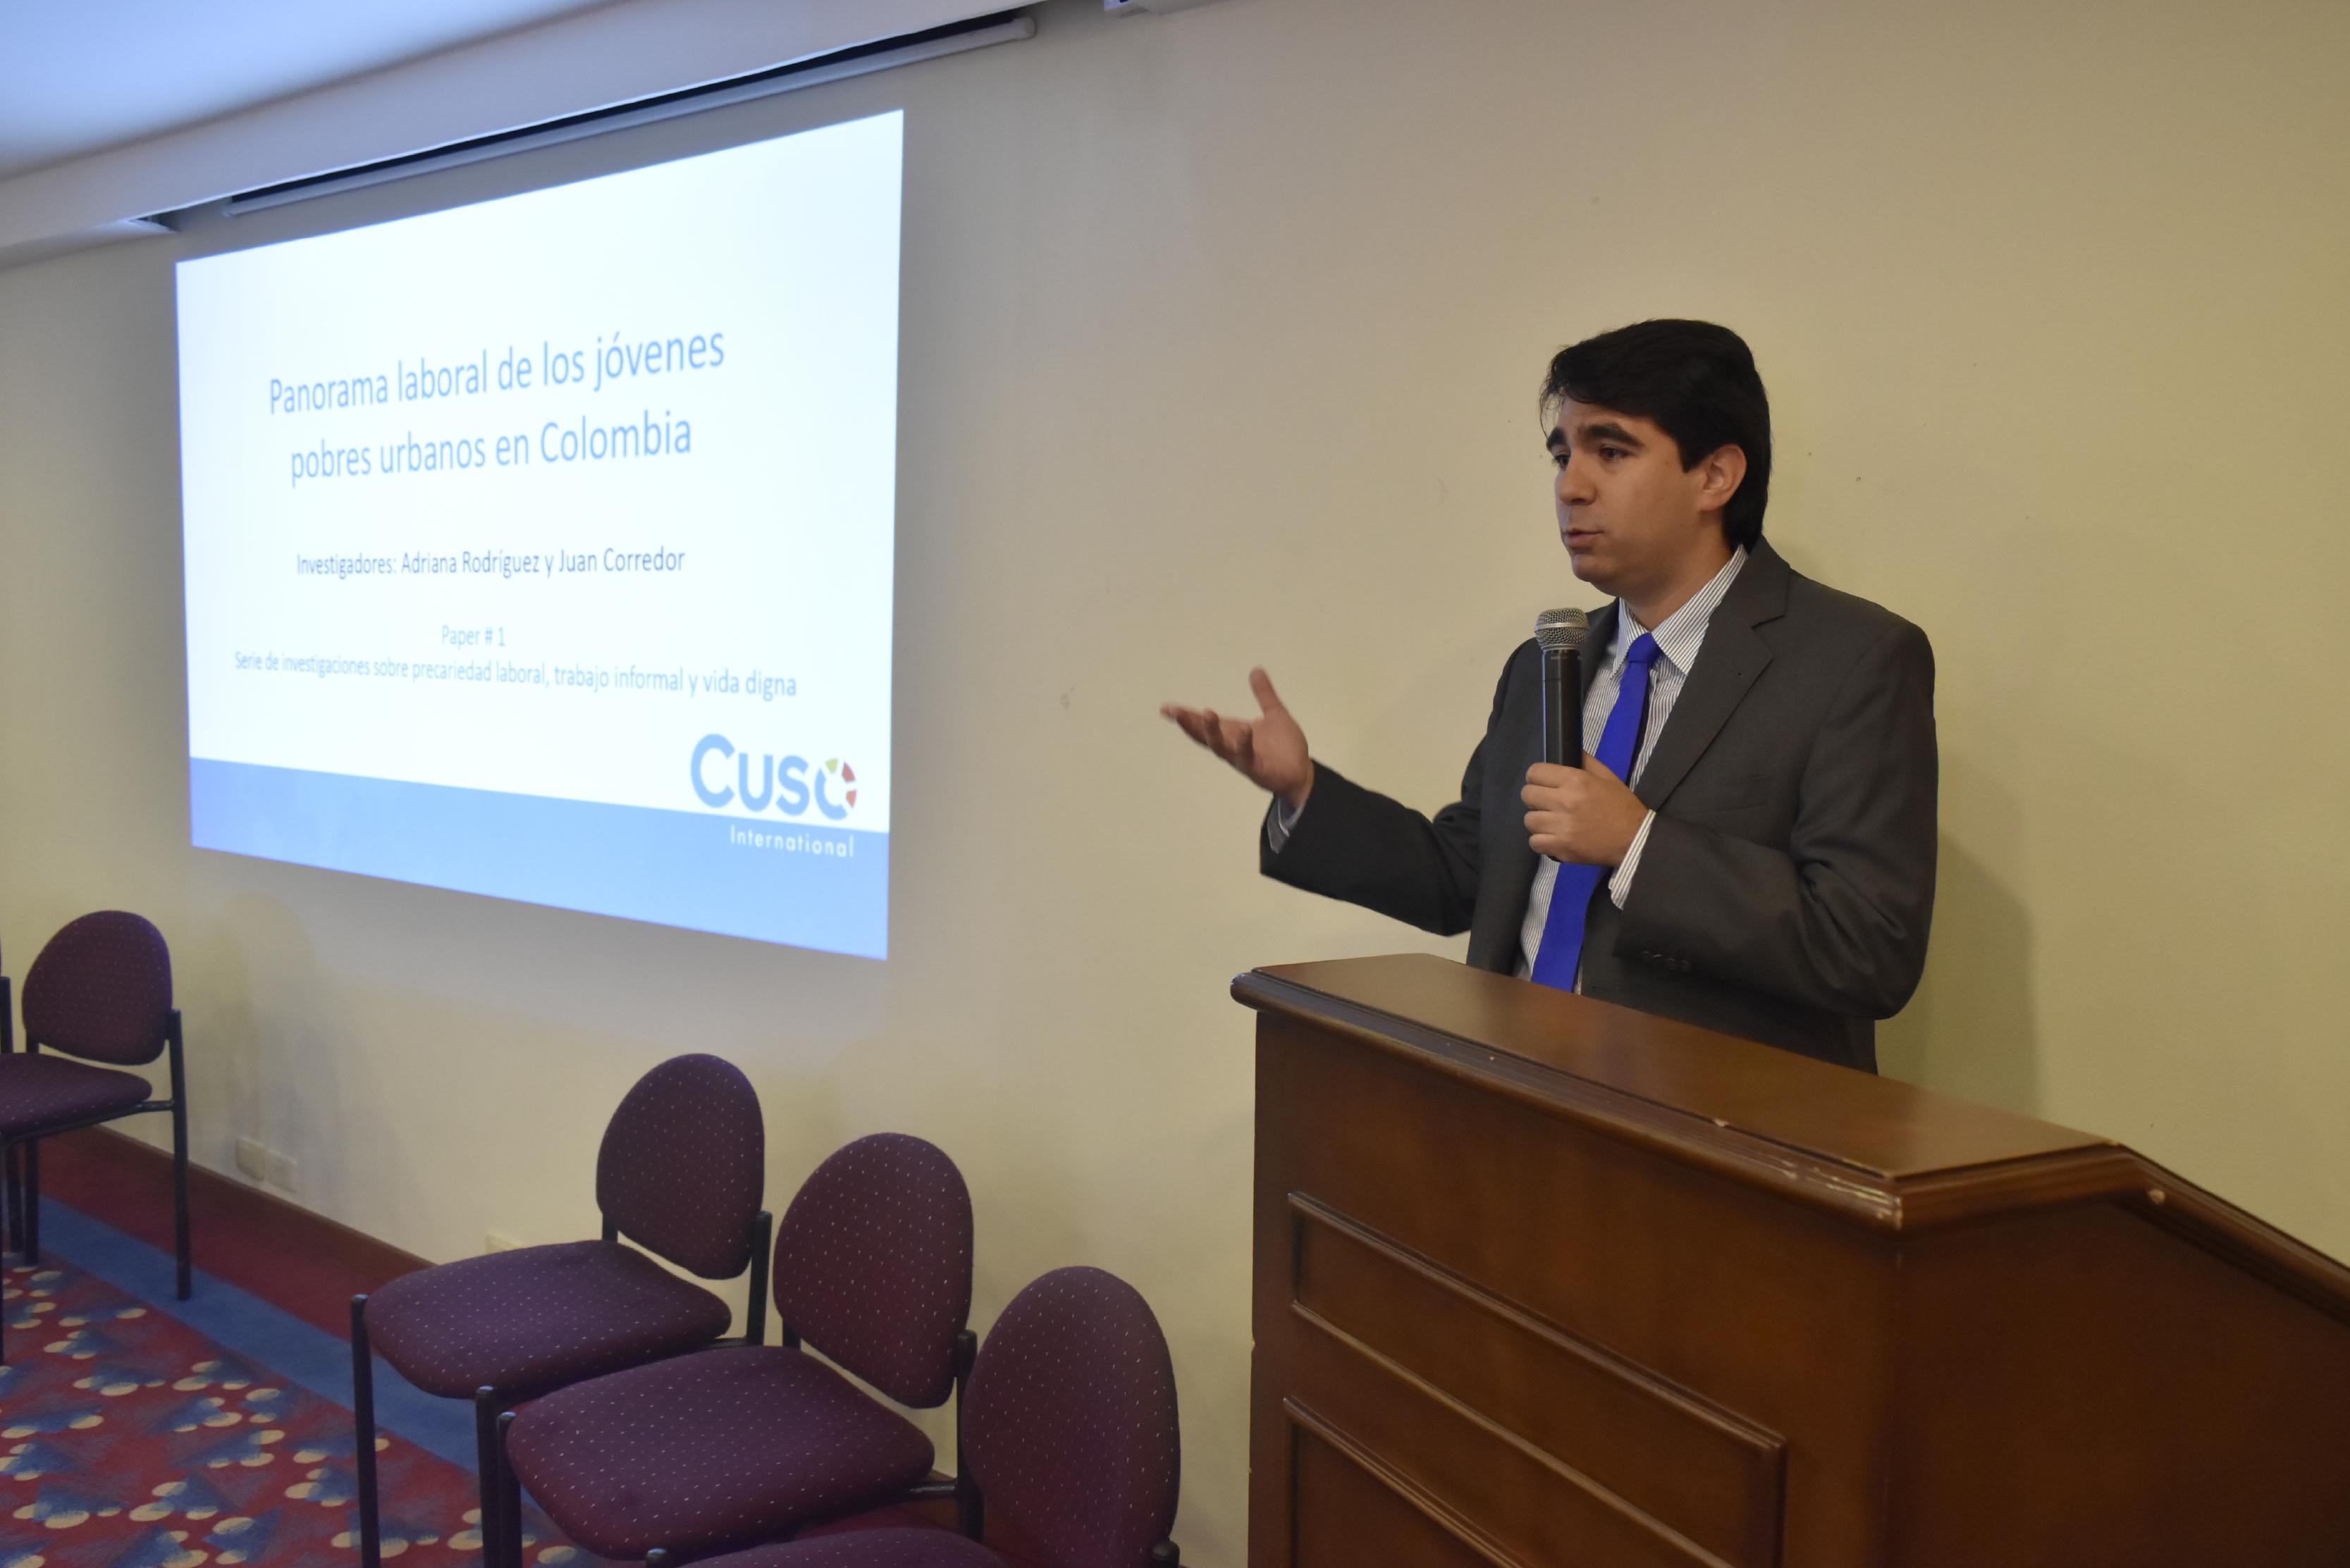 Lanzamiento de nuestro primer estudio sobre el mercado laboral colombiano